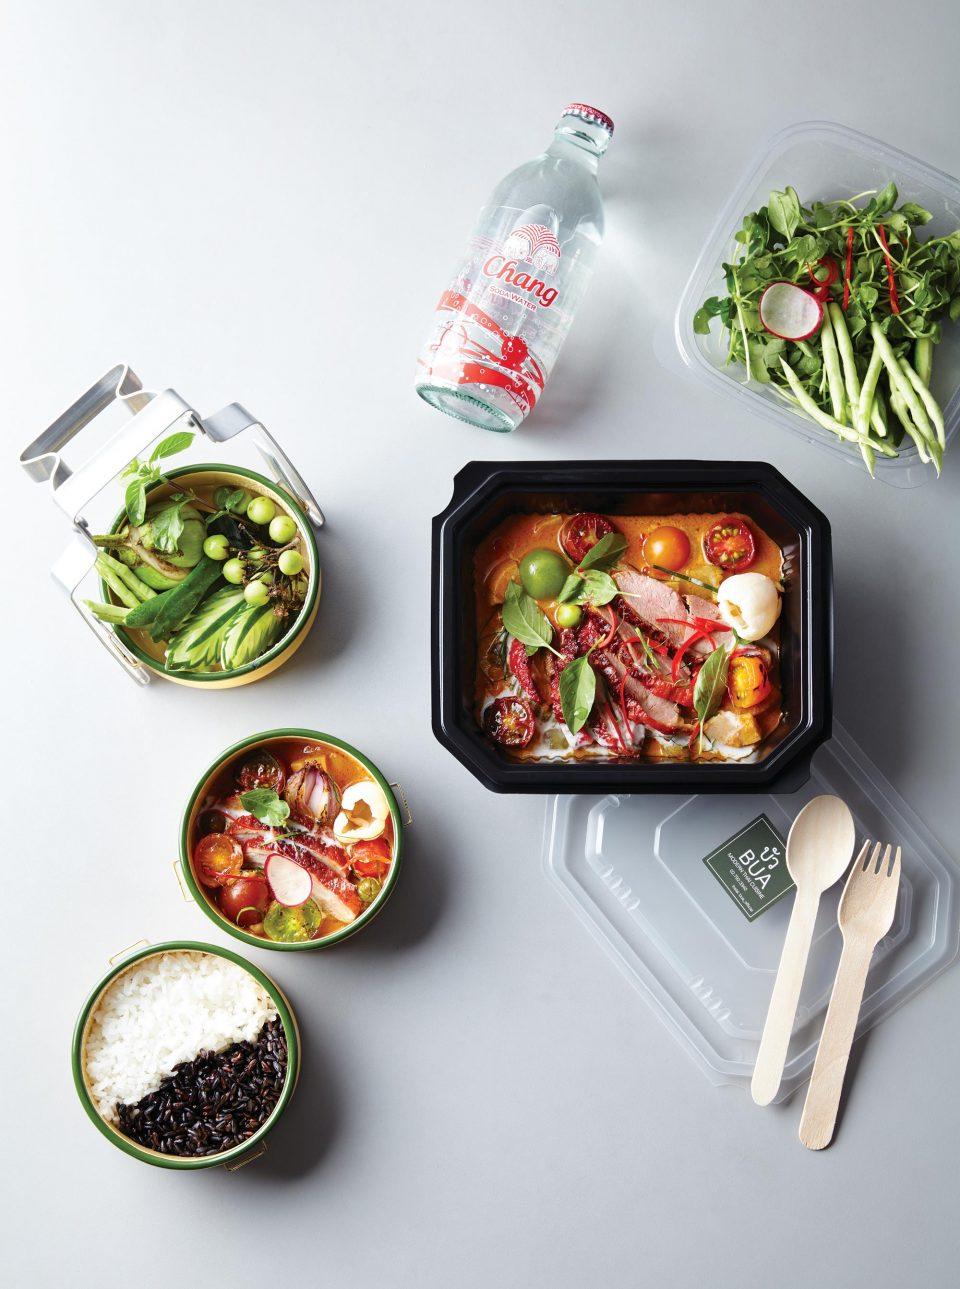 갱펫양 도시락(갱펫양, 태국식 쌀밥, 곁들임 채소로 구성) 2만9000원